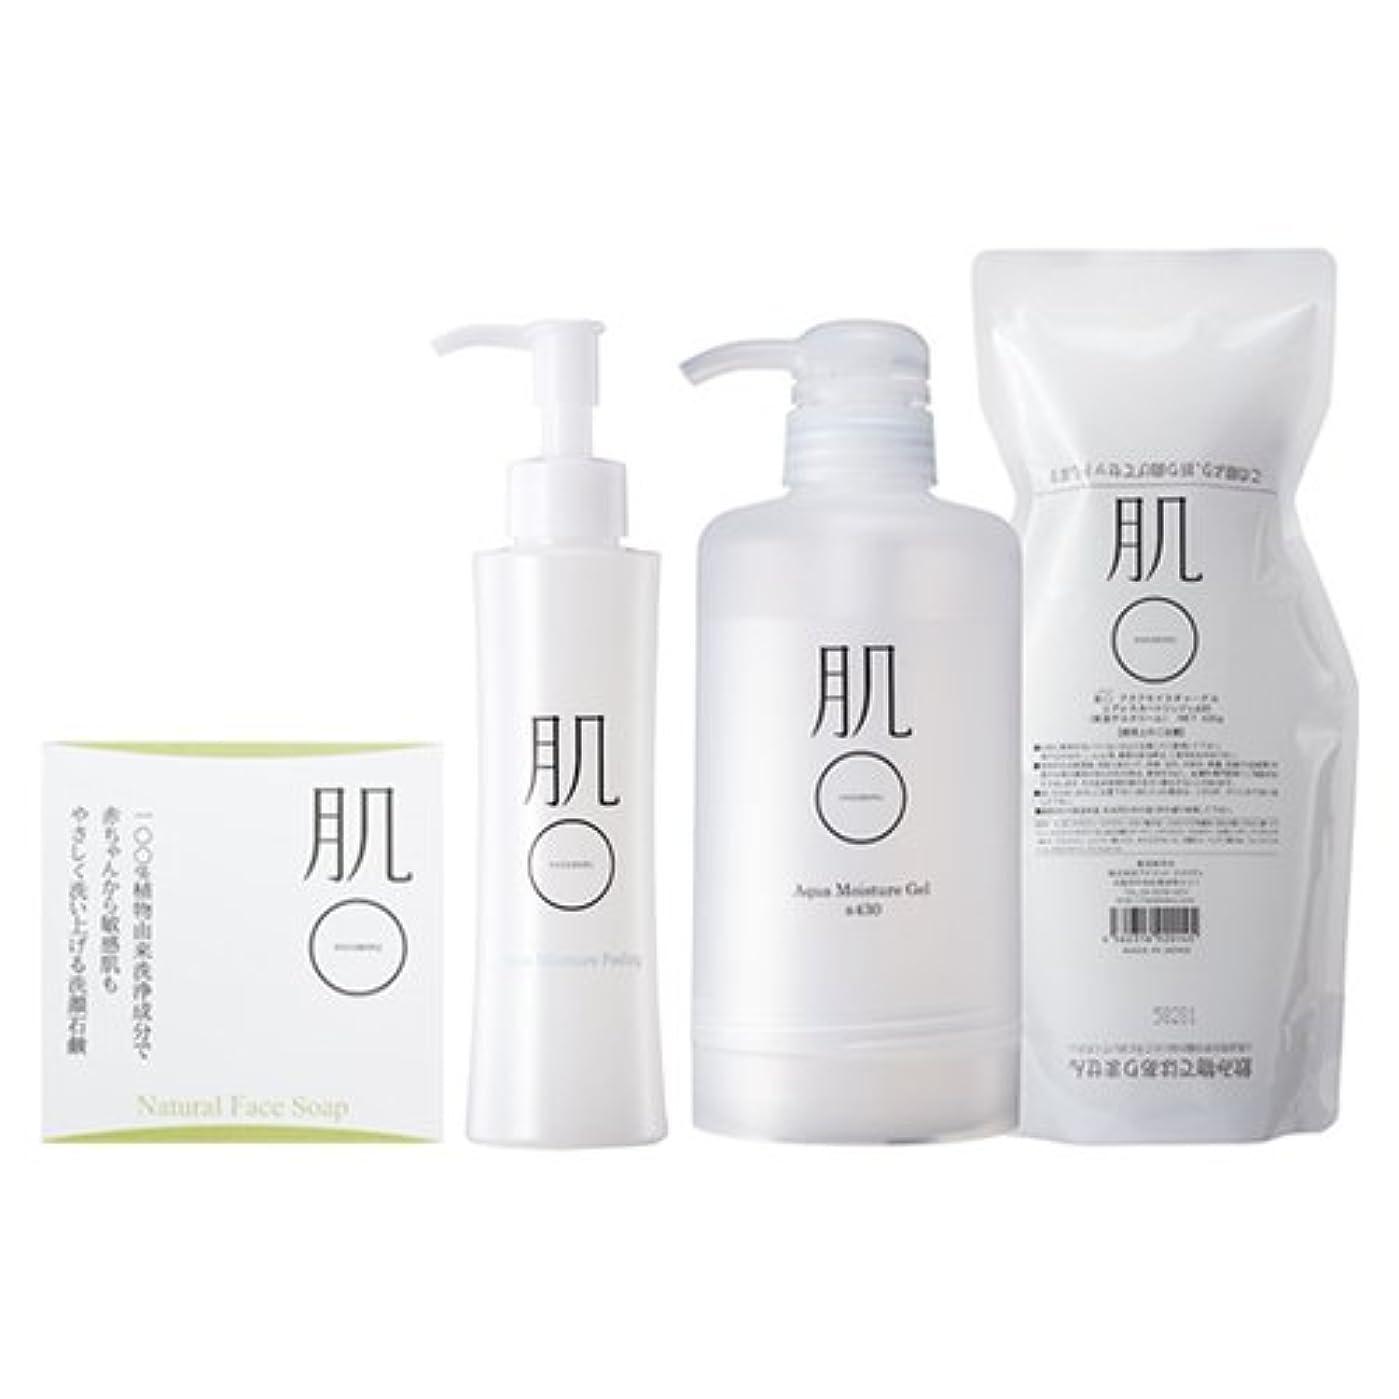 手入れフォーム初期肌まる サイズアップスキンケアセット(低刺激洗顔石鹸&低刺激ピーリング&大容量高保湿ゲル専用ポンプ付)